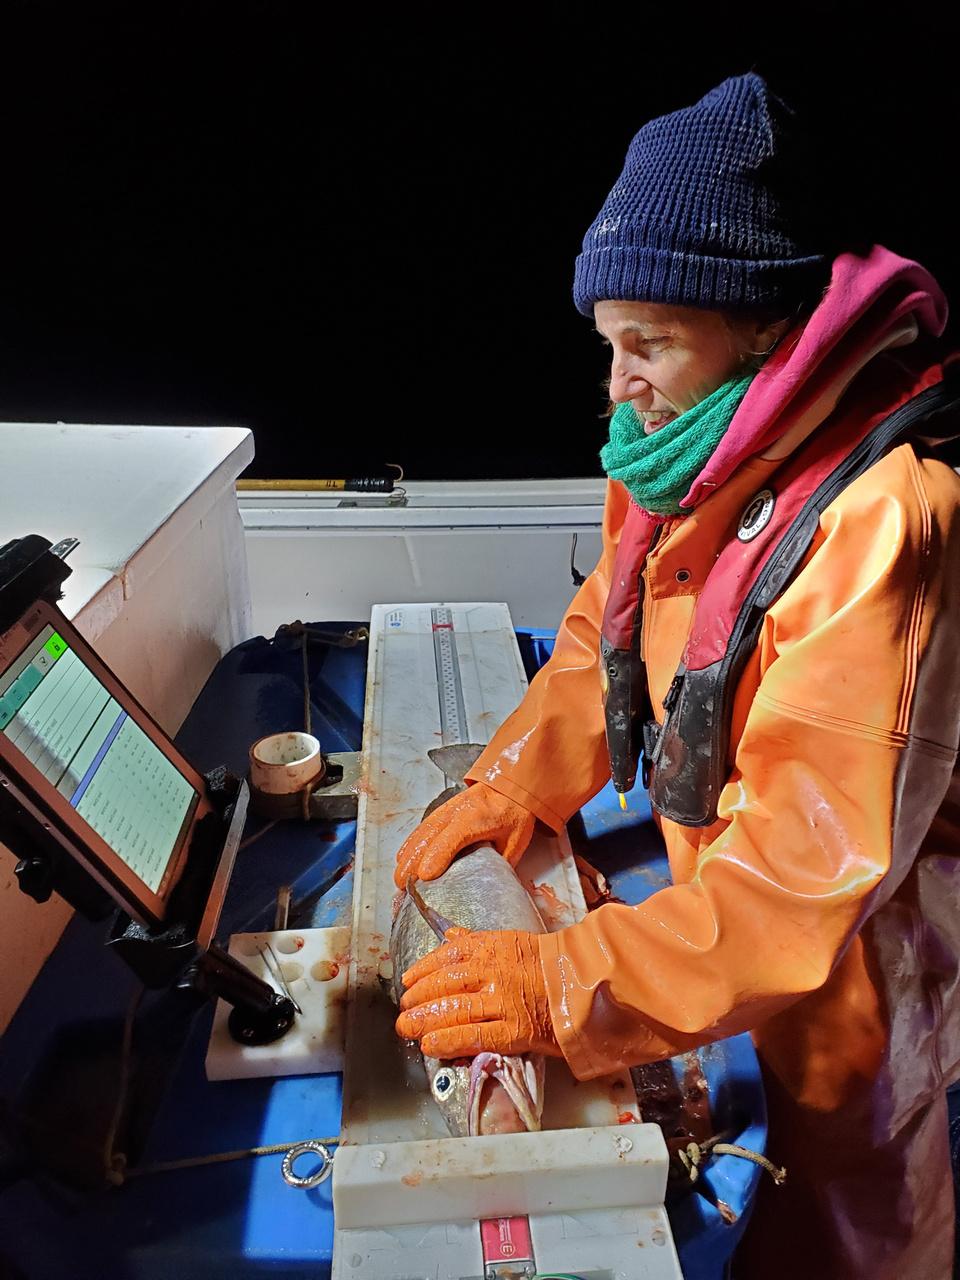 sampling hake at a computerized work station at sea at night